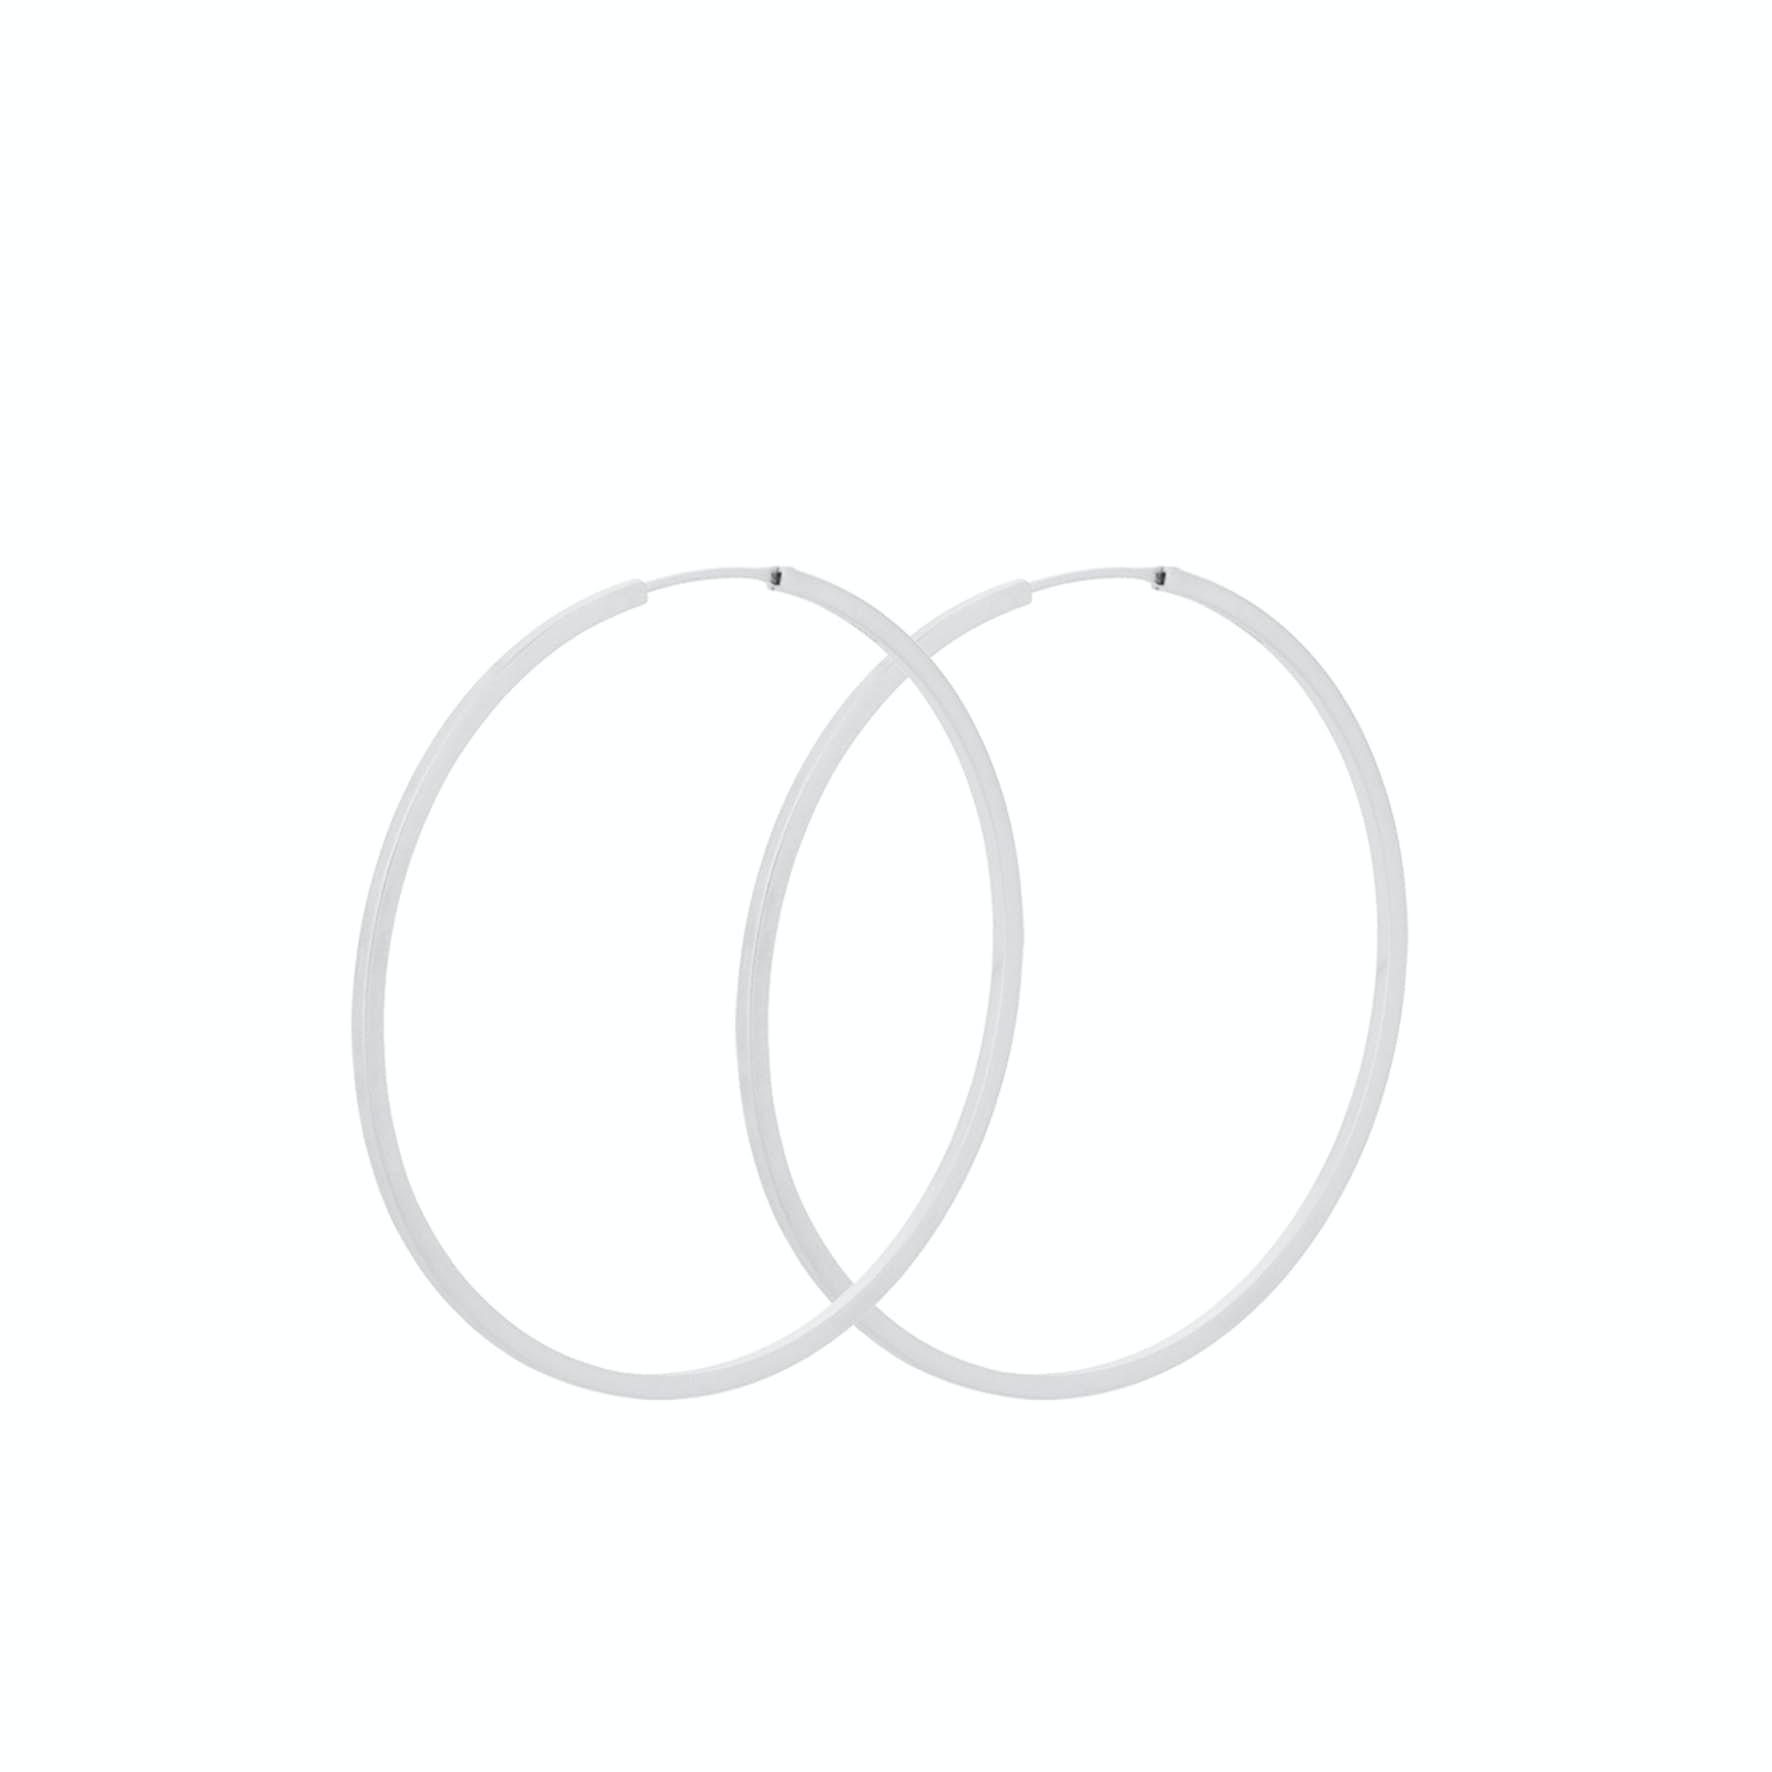 Orbit Hoops from Pernille Corydon in Silver Sterling 925